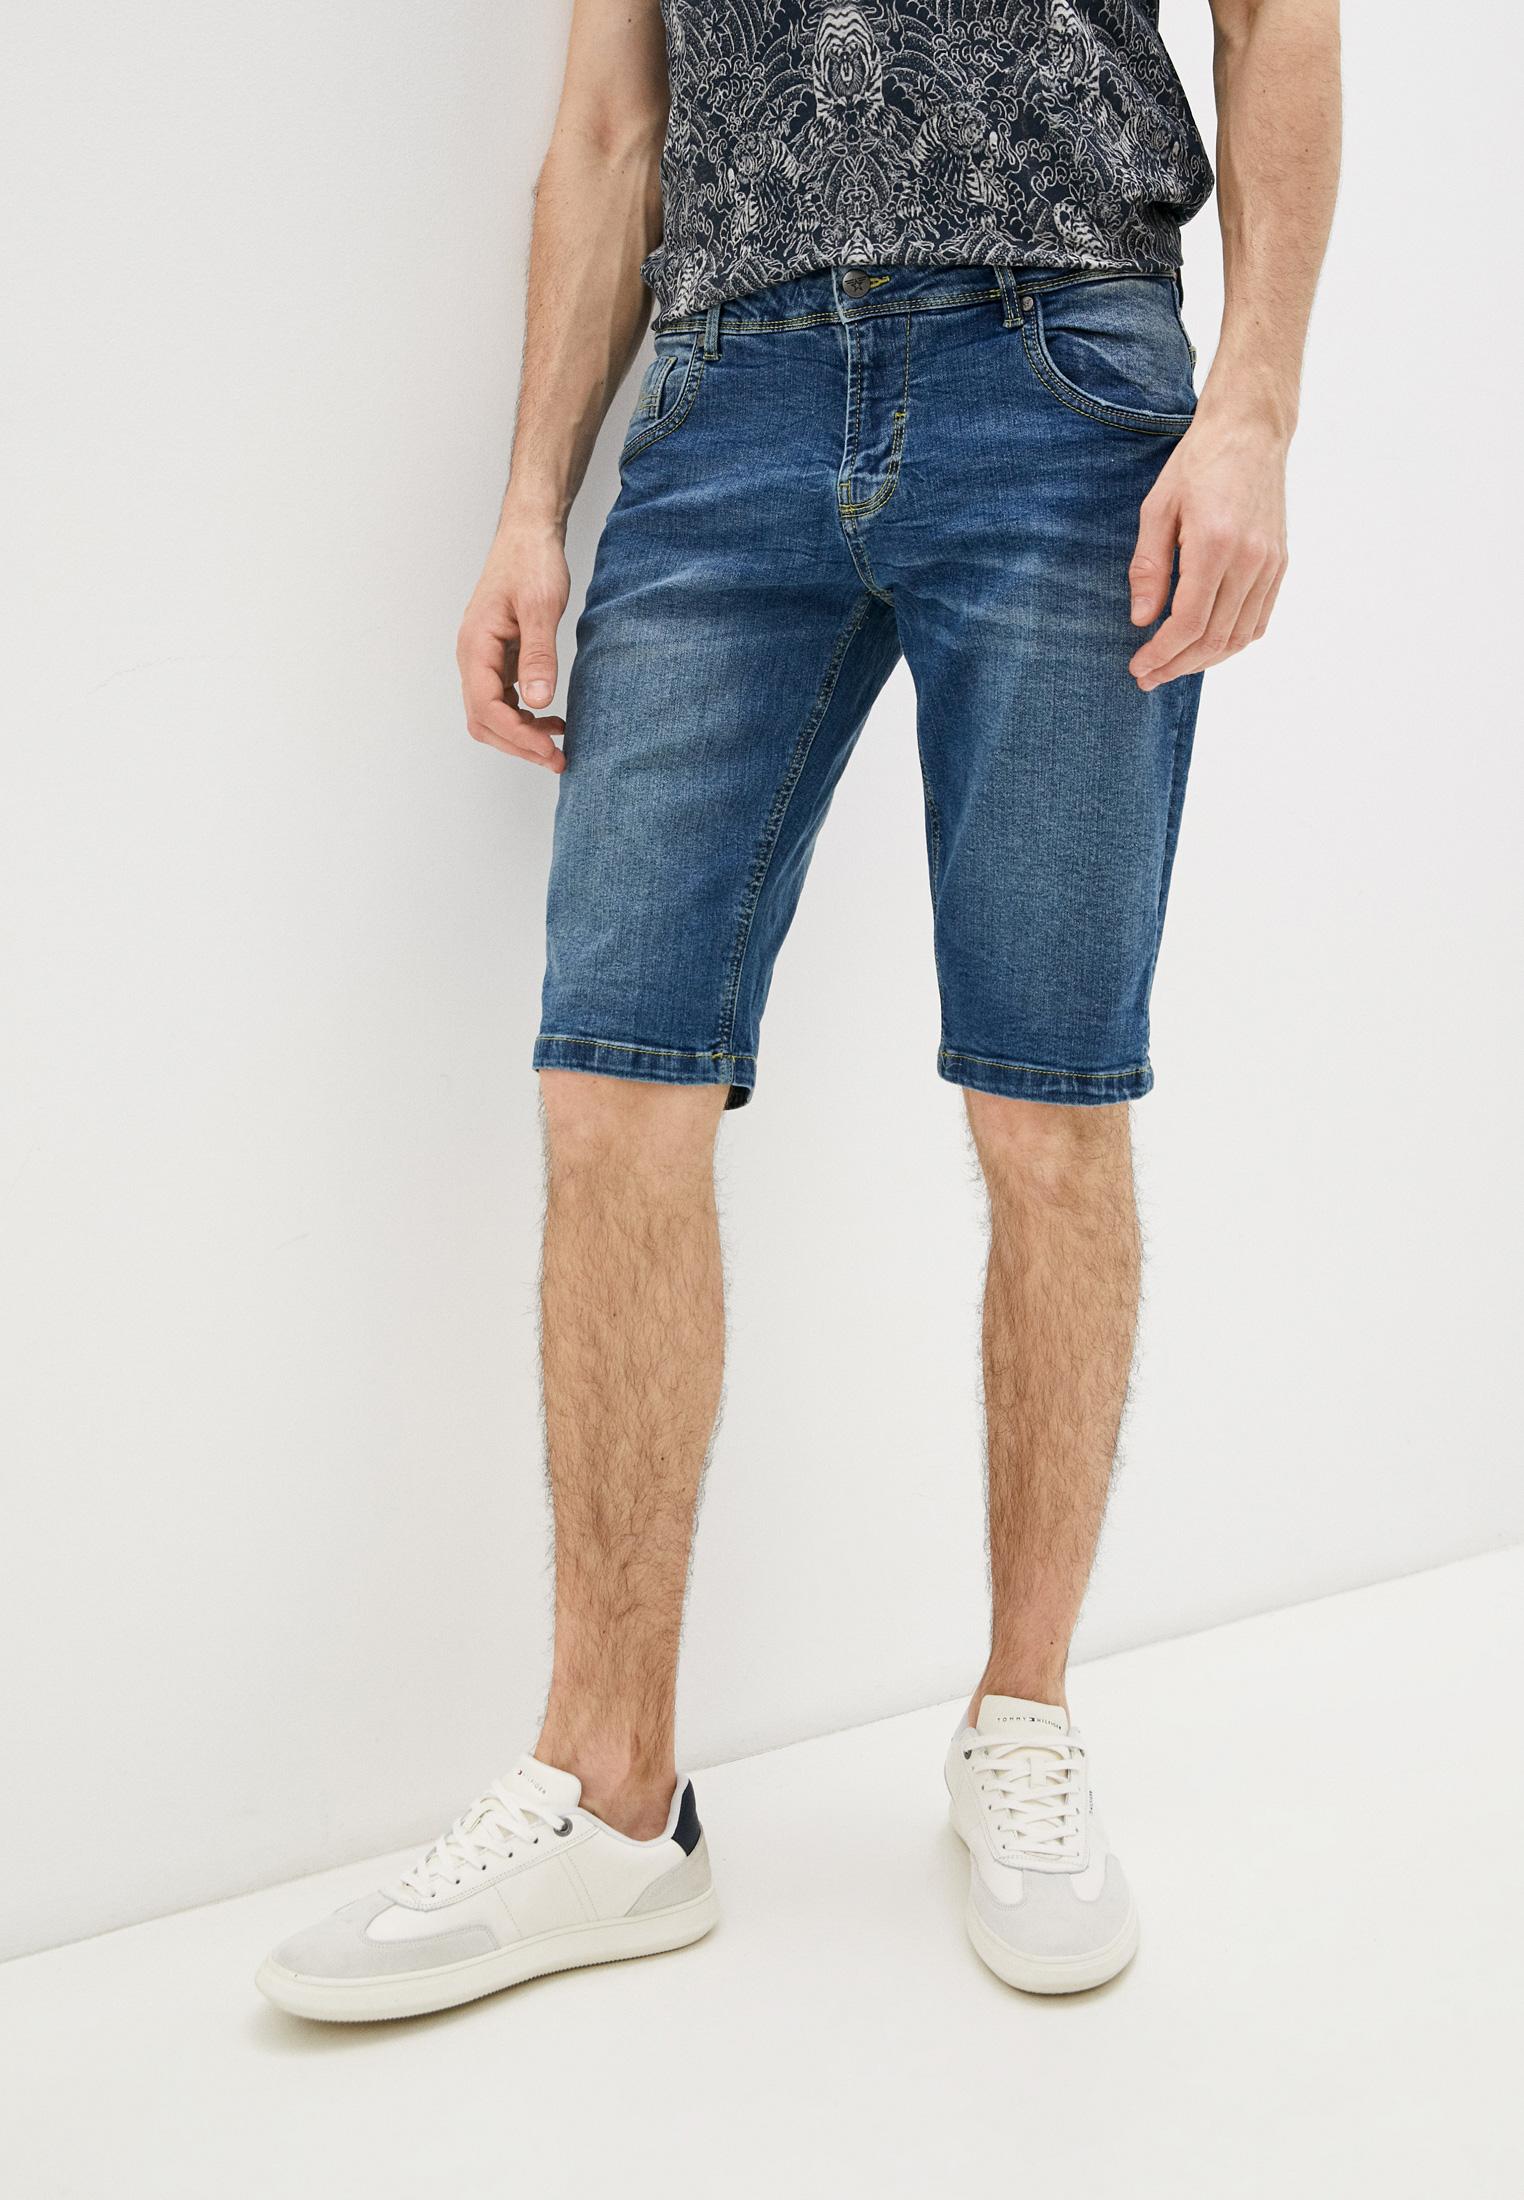 Мужские джинсовые шорты Avirex Шорты джинсовые Avirex